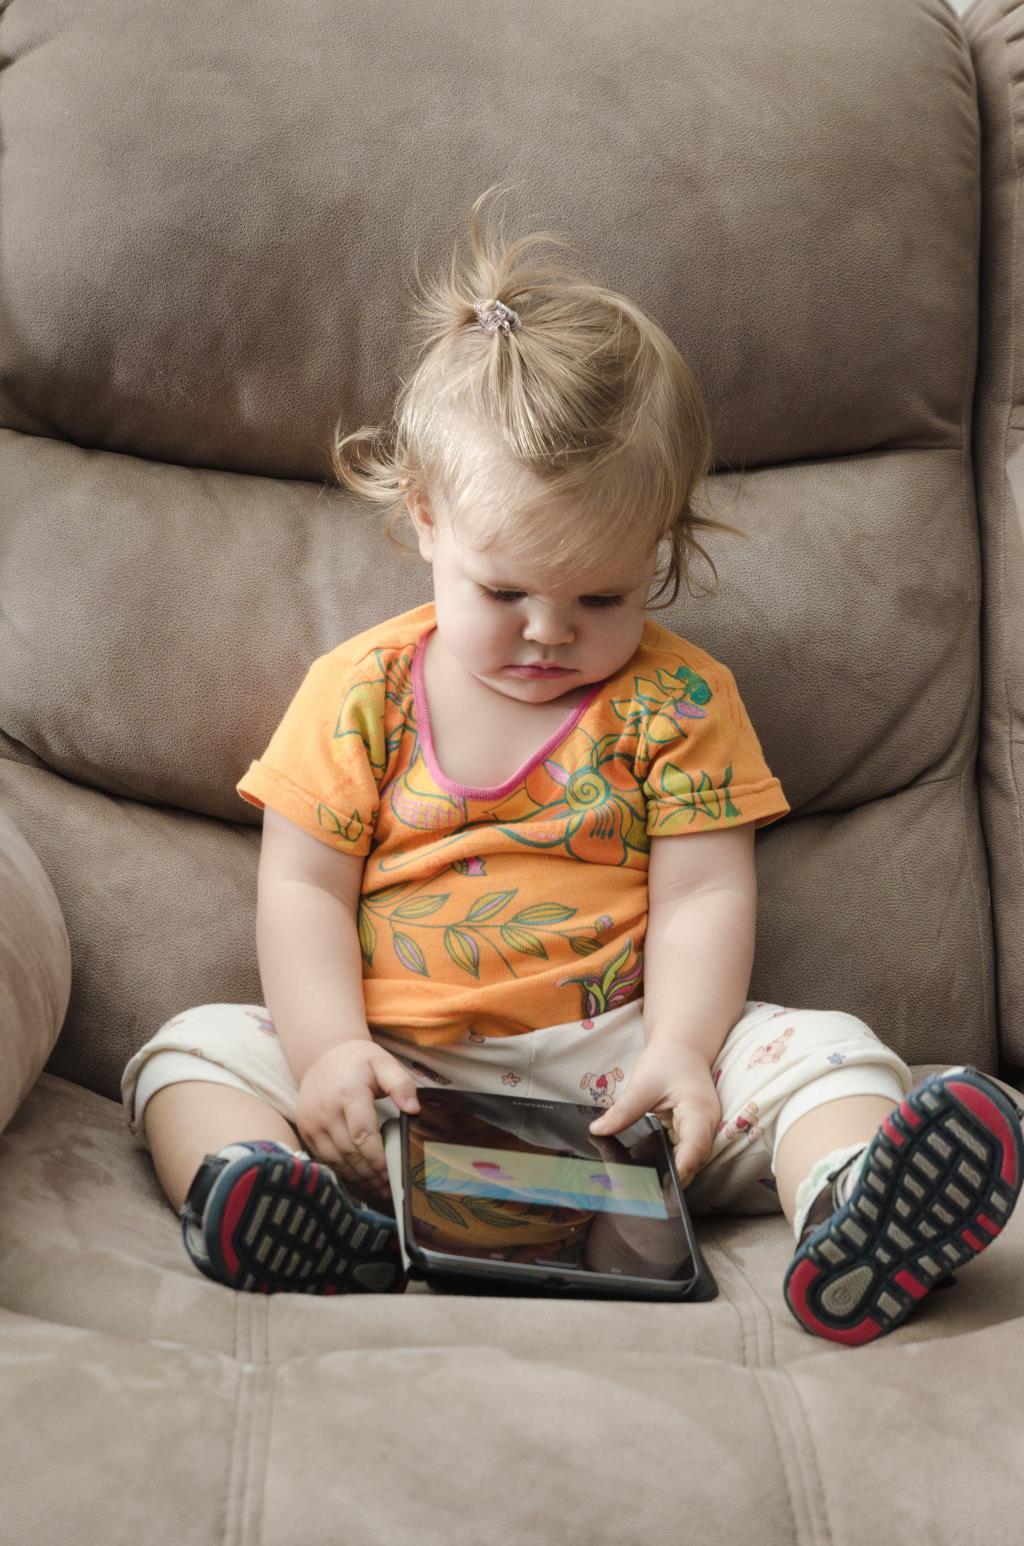 Онлайн. Дети в интернете